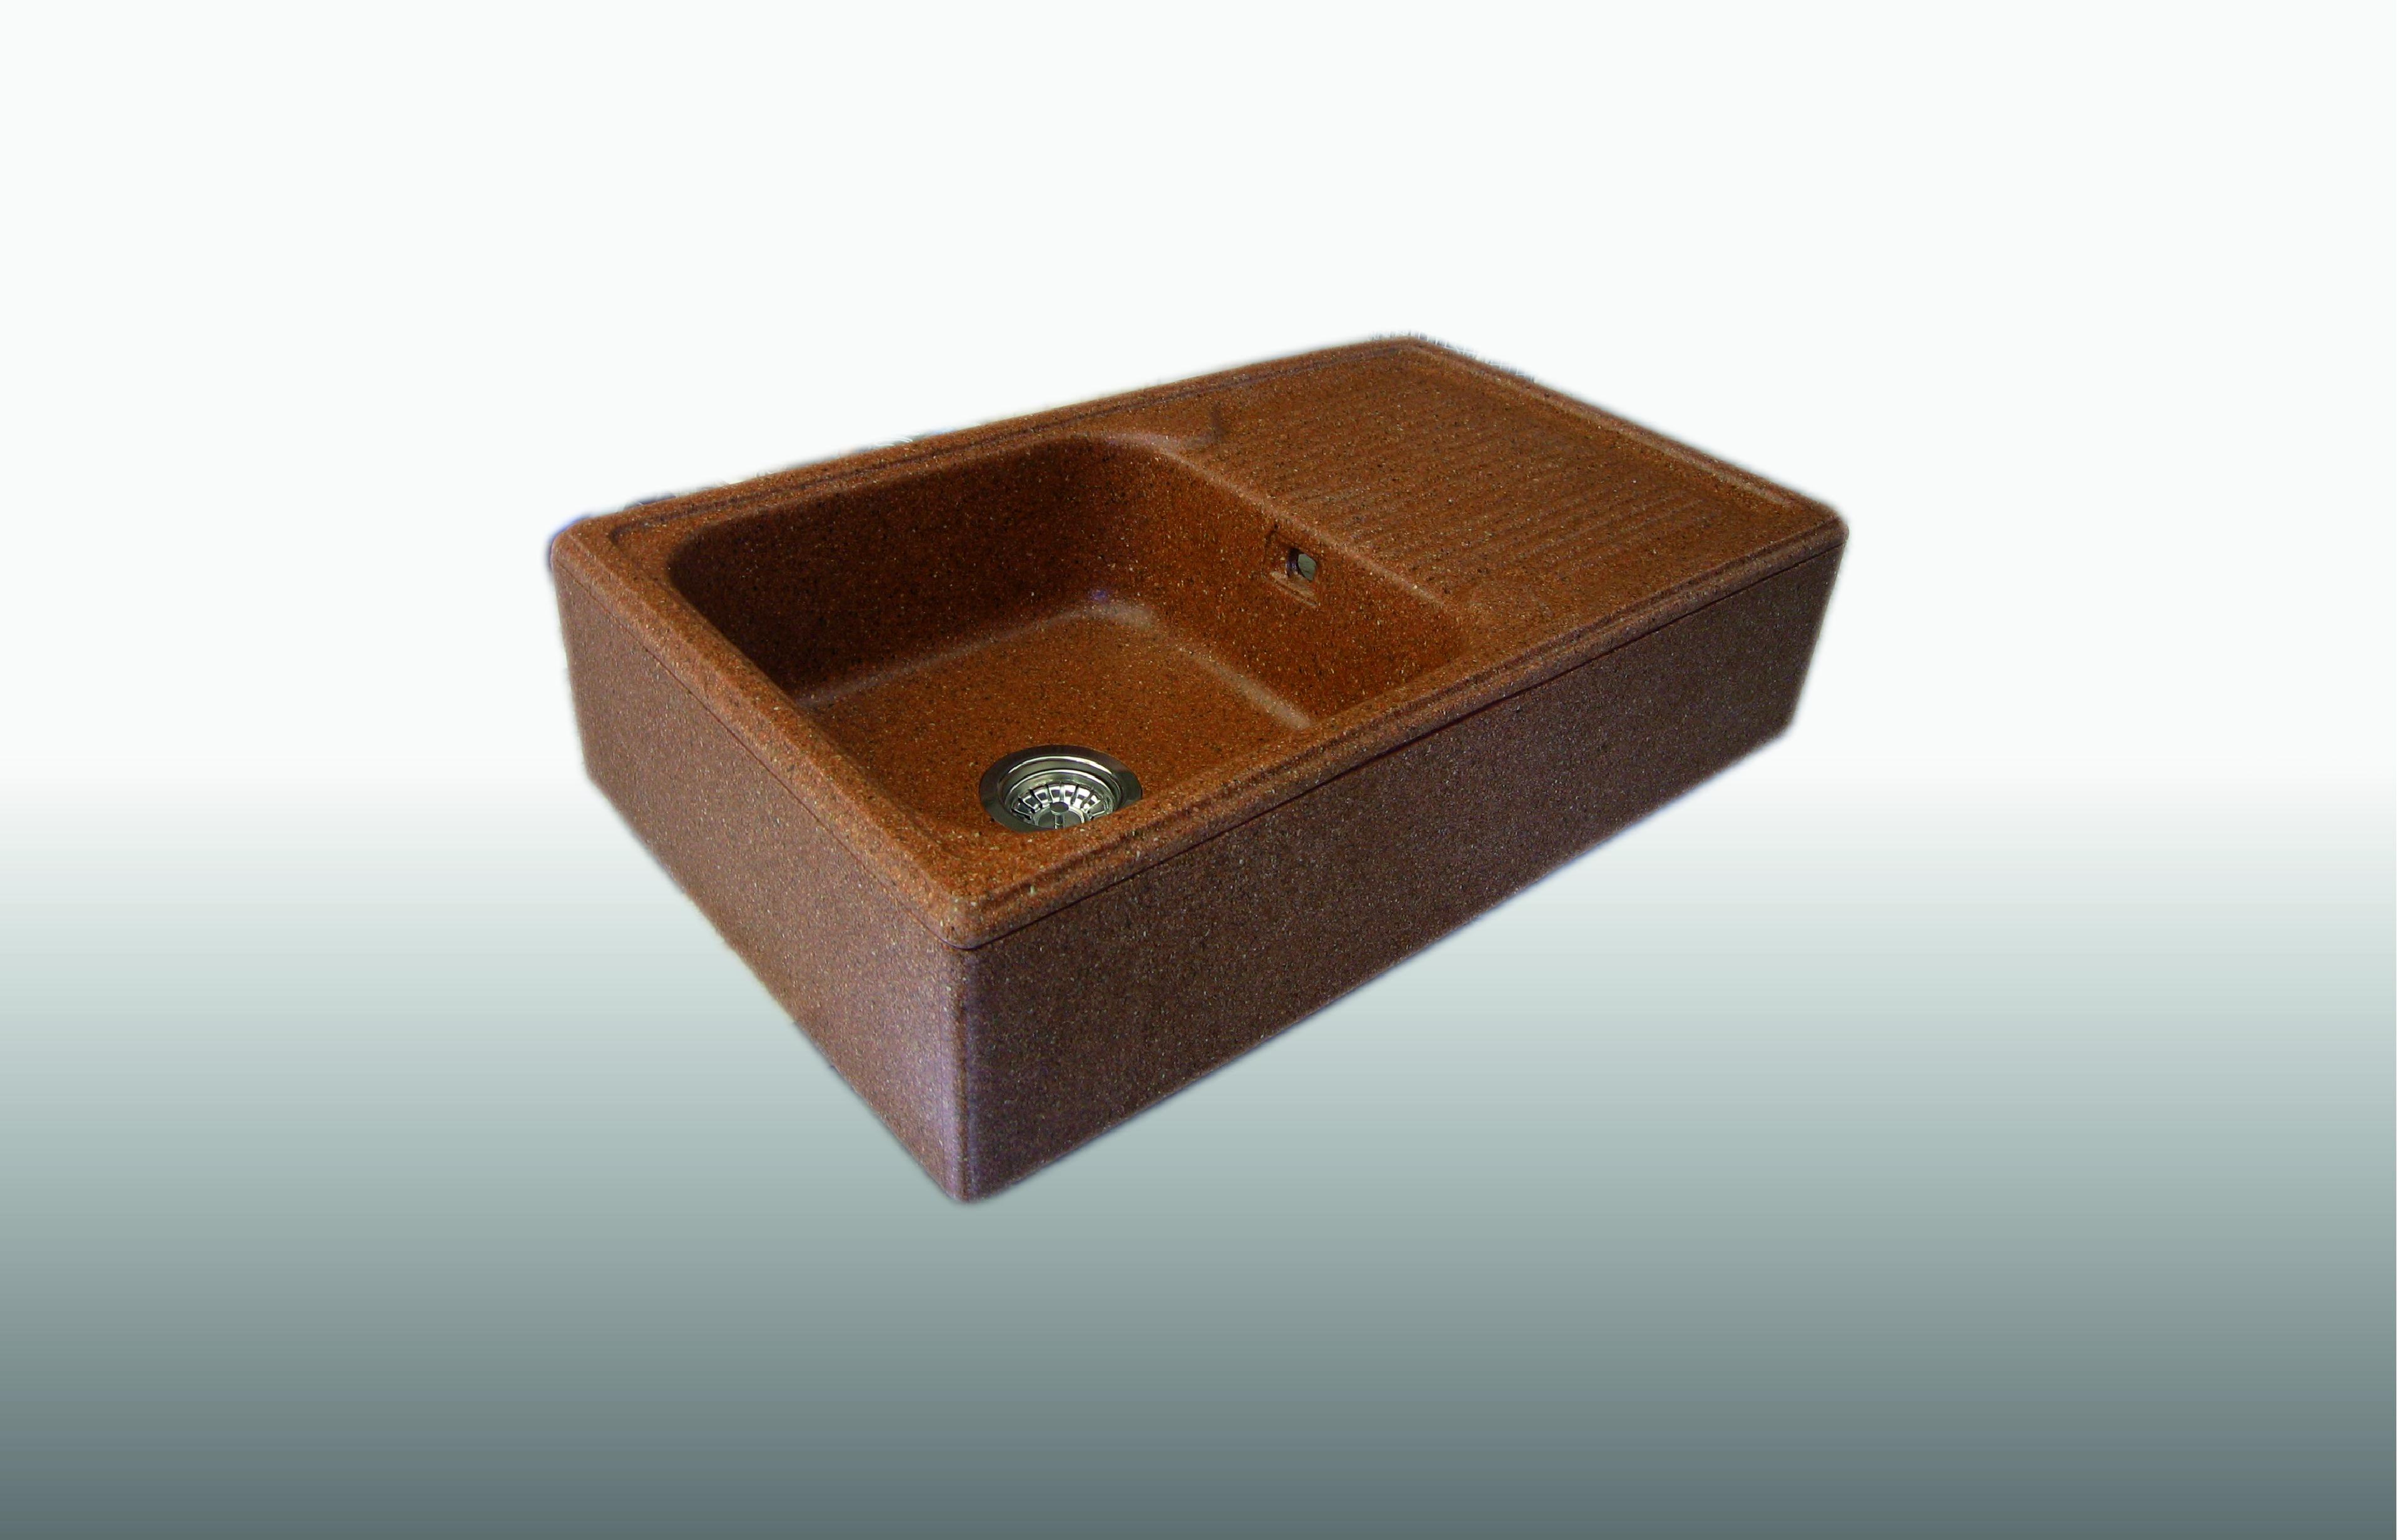 Lavello d'appoggio in graniglia 1 Vasca misura 50x85x21 cm  - prezzo 480,00 - 610€